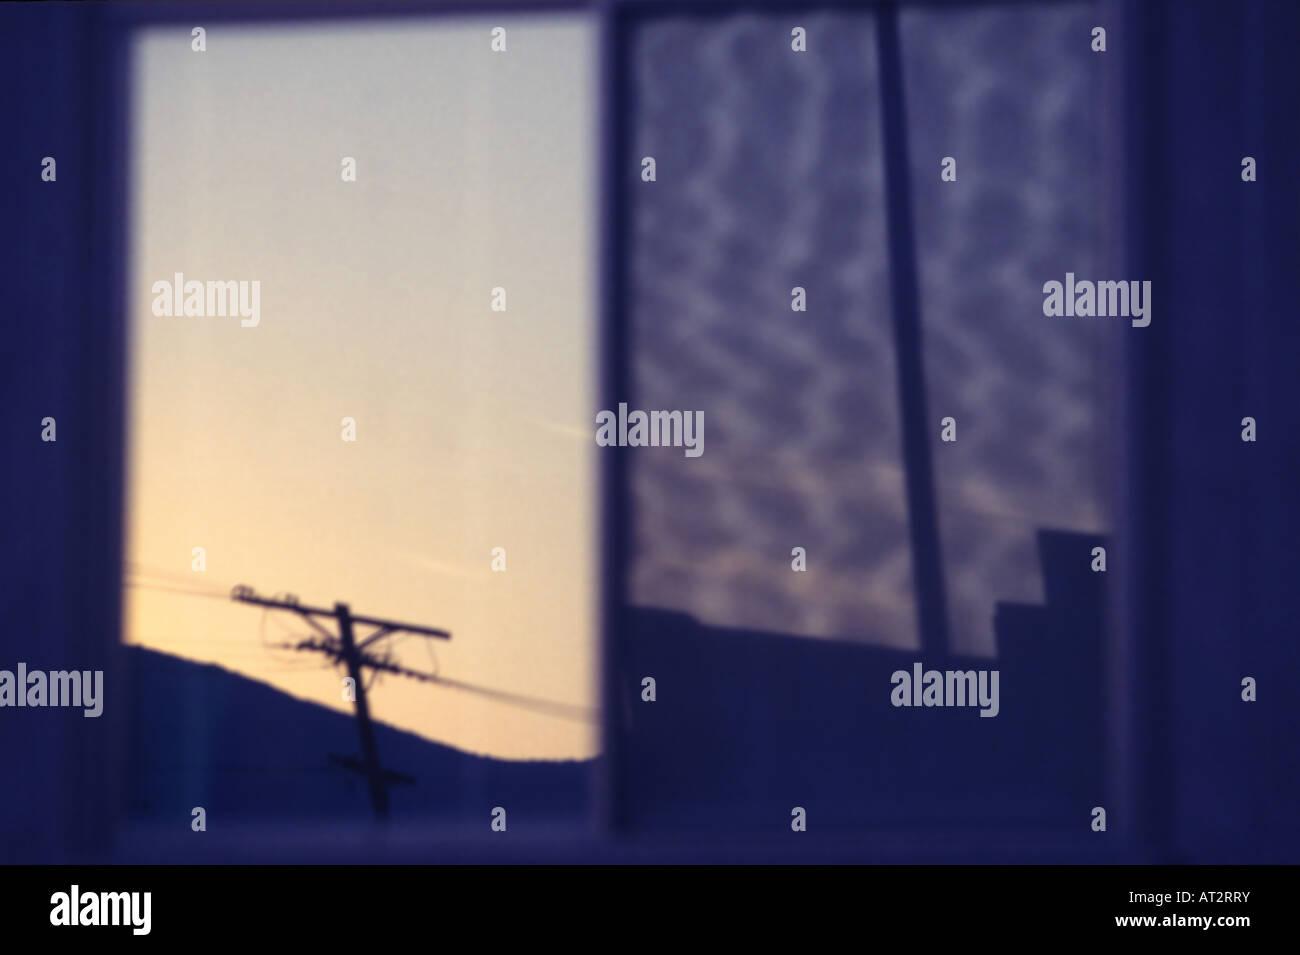 Reflexión abstracta de un poste de teléfono en la ventana horizontal Imagen De Stock